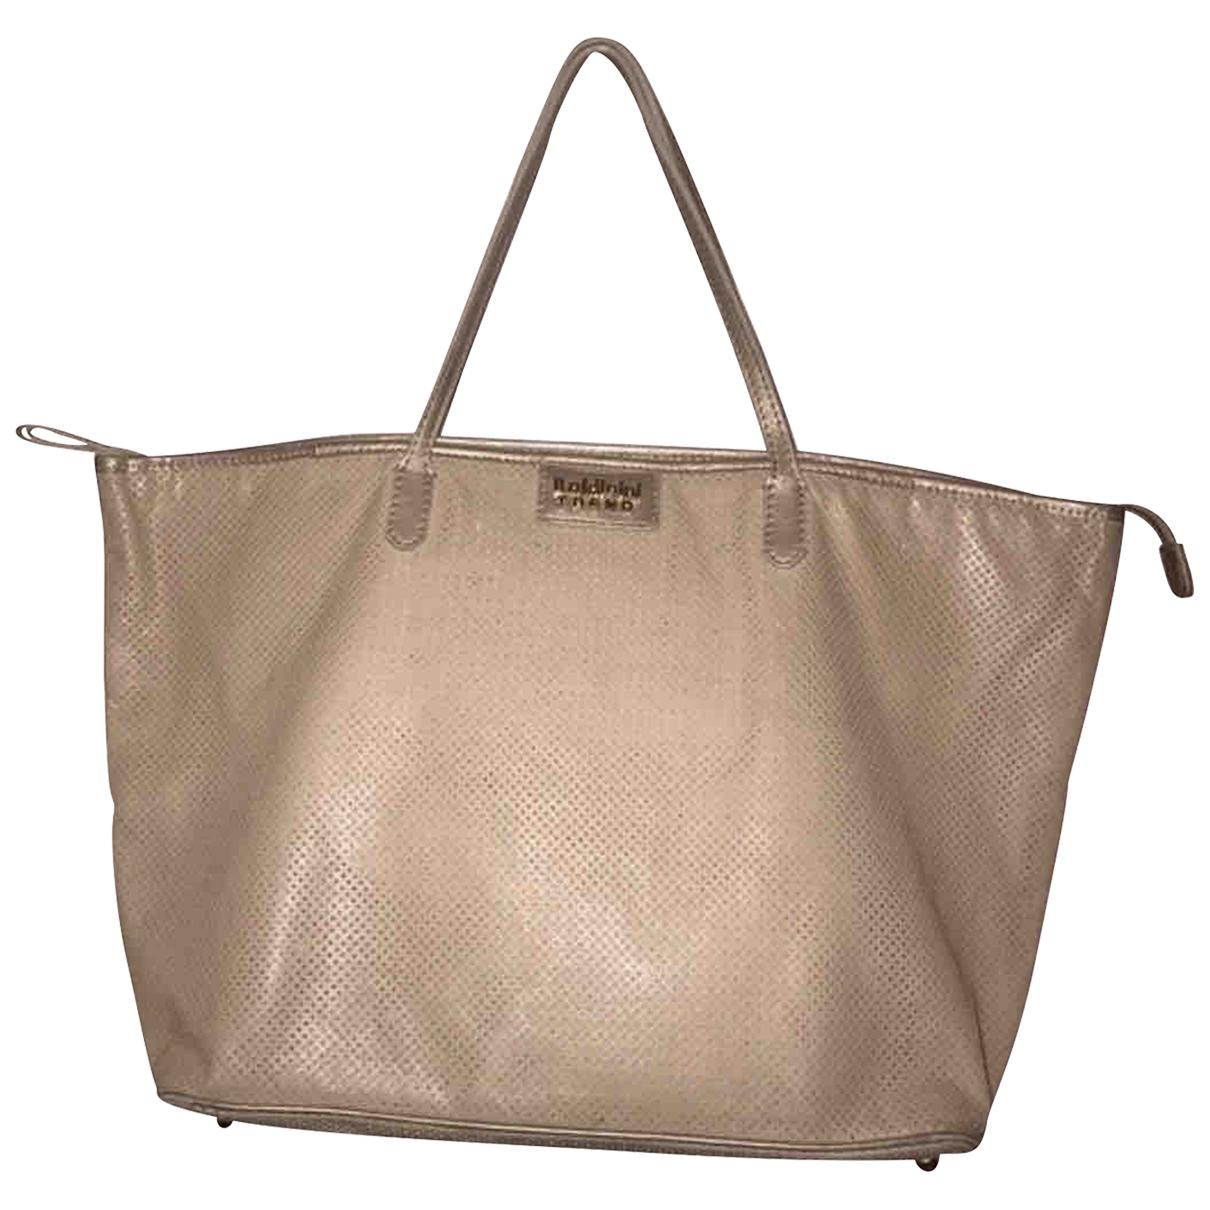 Baldinini - Sac de voyage   pour femme en cuir - beige